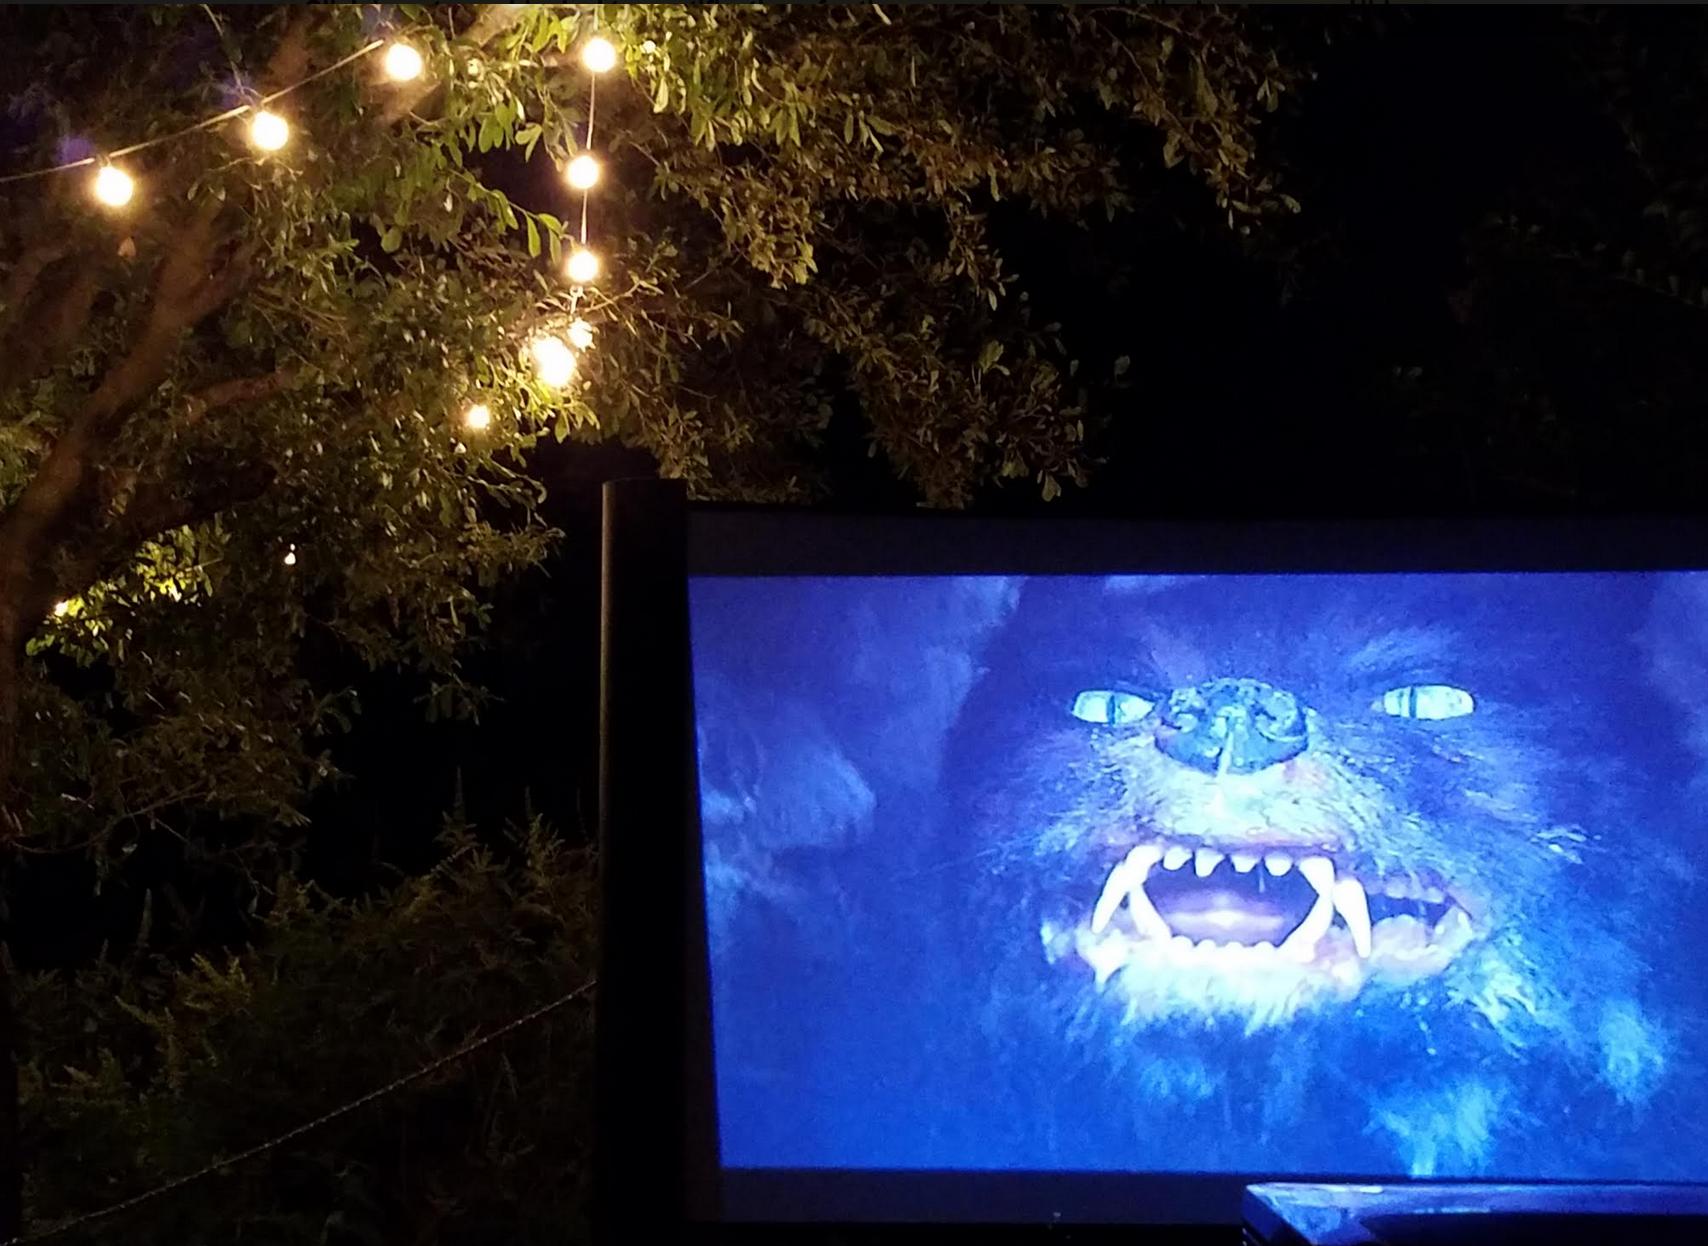 Texas Austin San Antonio backyard neighbor movie nights